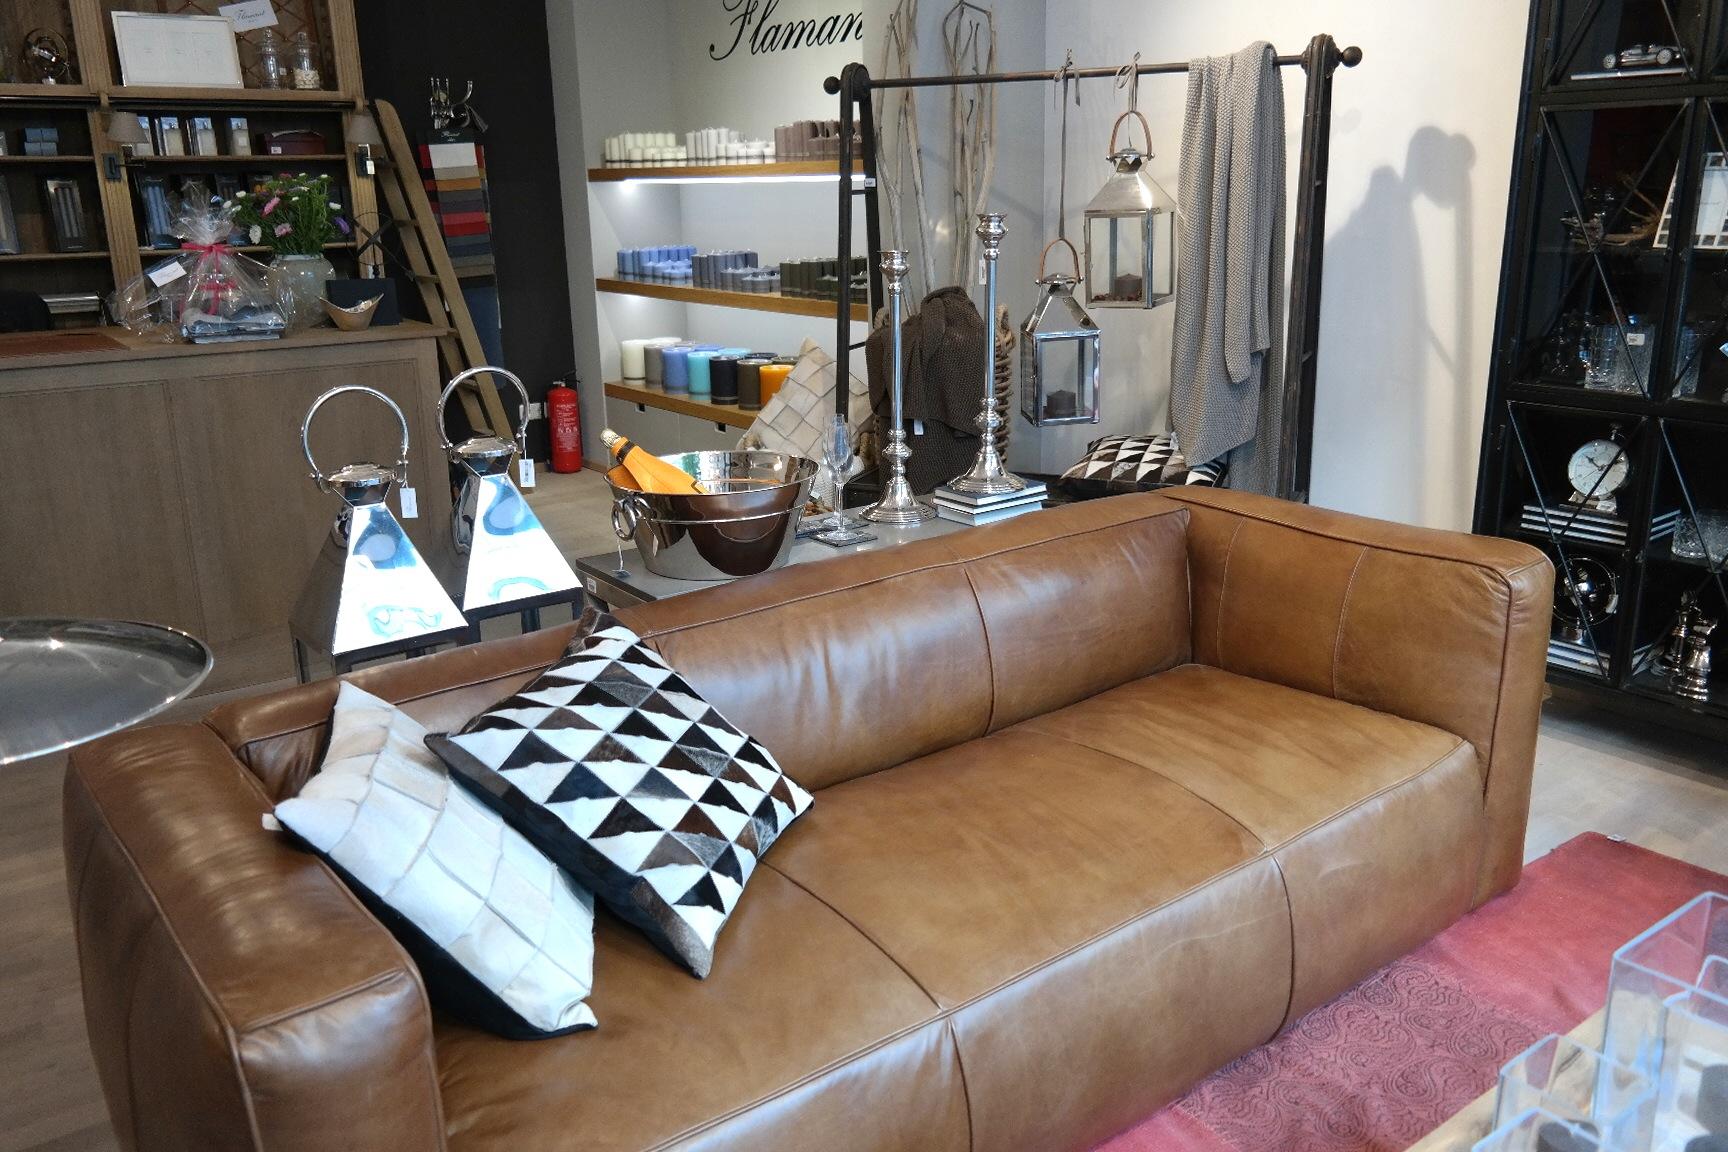 Flamant Store Bonn Innenstadt Möbelgeschäft Einrichtungshaus Interior  Design Accessoires Möbel Sofas Belgischer Stil Französisch Solide Massiv  Geschenk ...